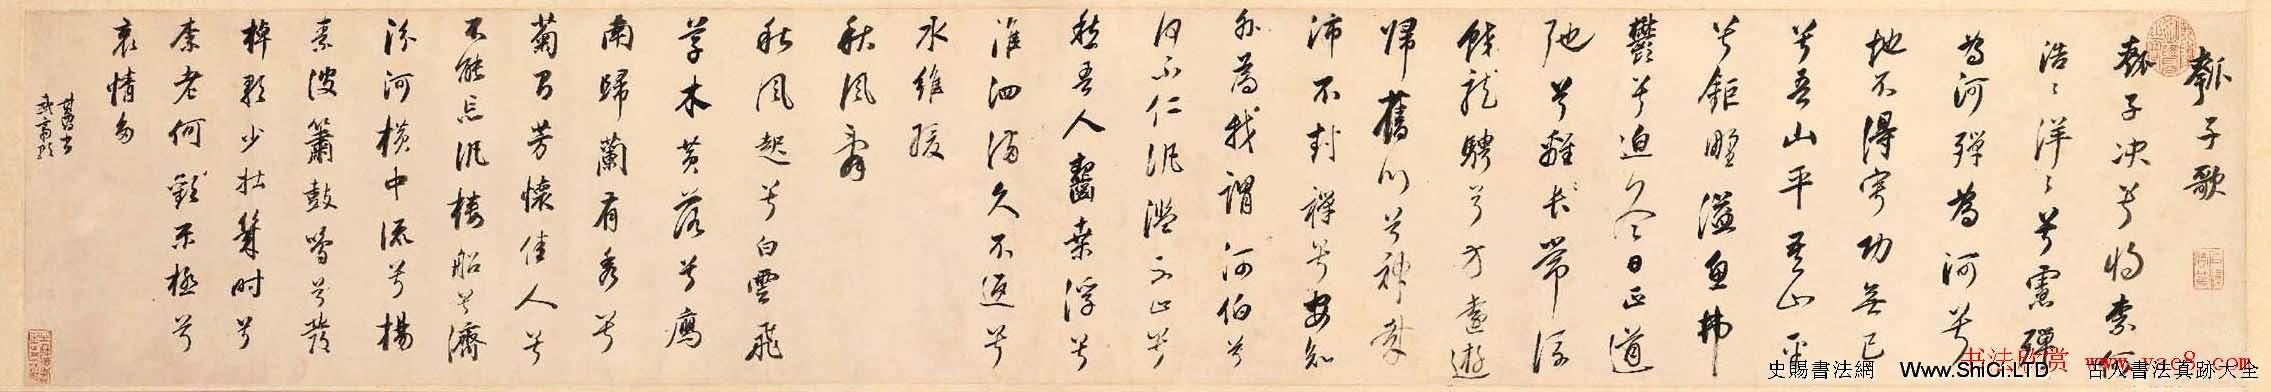 董其昌行書作品真跡賞析《武帝歌》卷(共4張圖片)